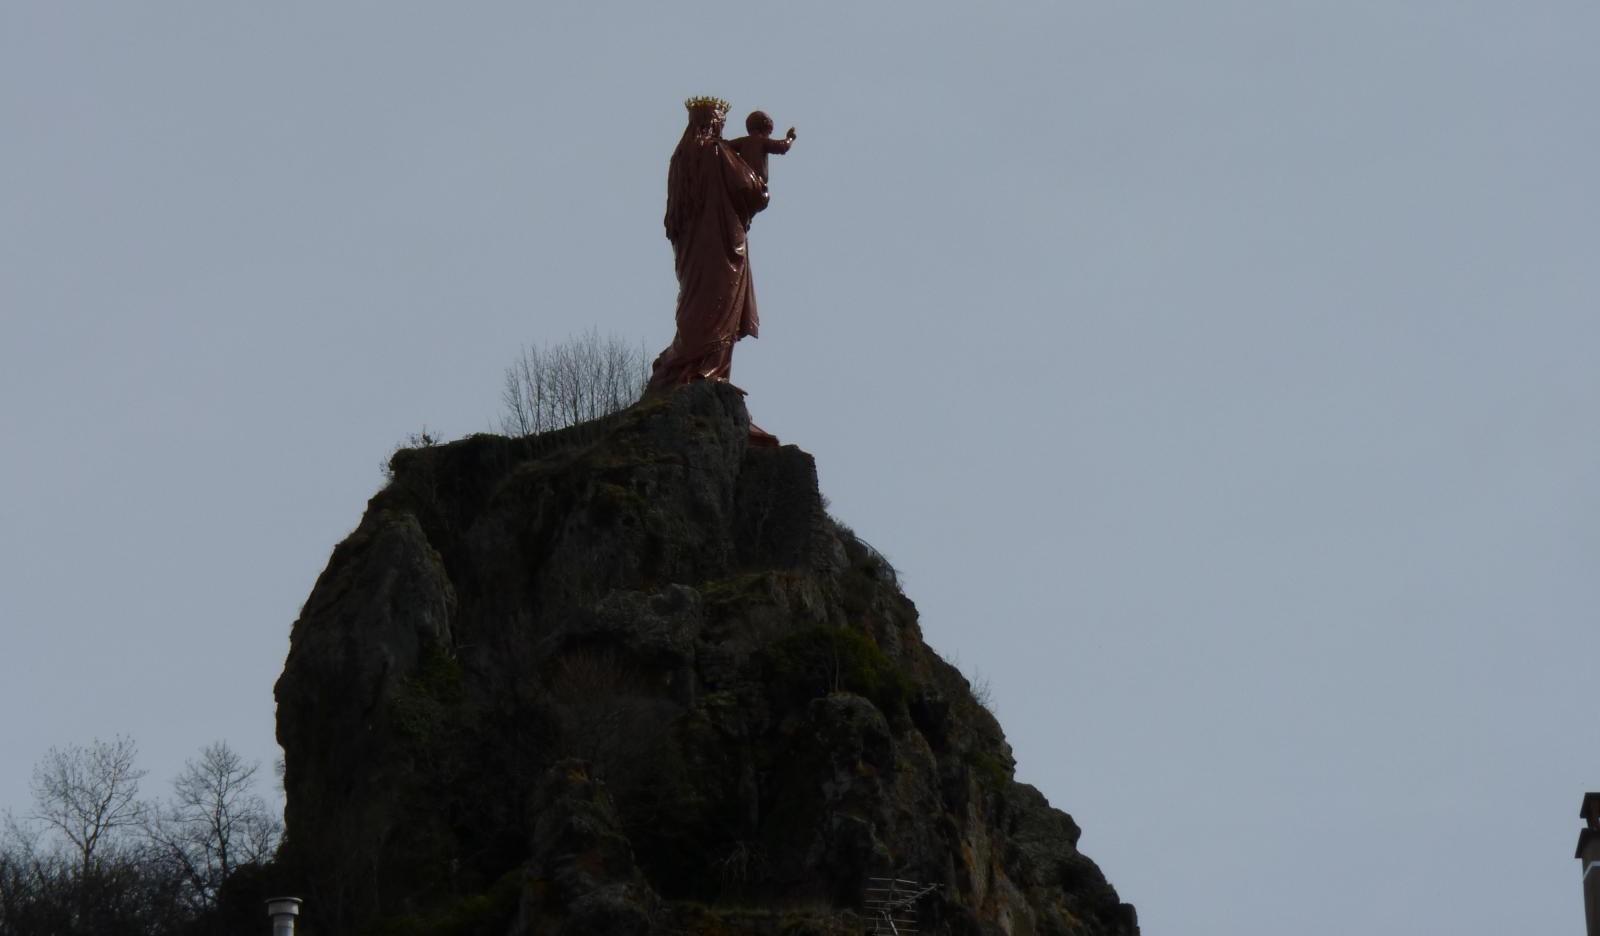 Nuestra Señora de Puy en Velay, Aparición que dejó Poderes Sanadores, Francia (17 sep)